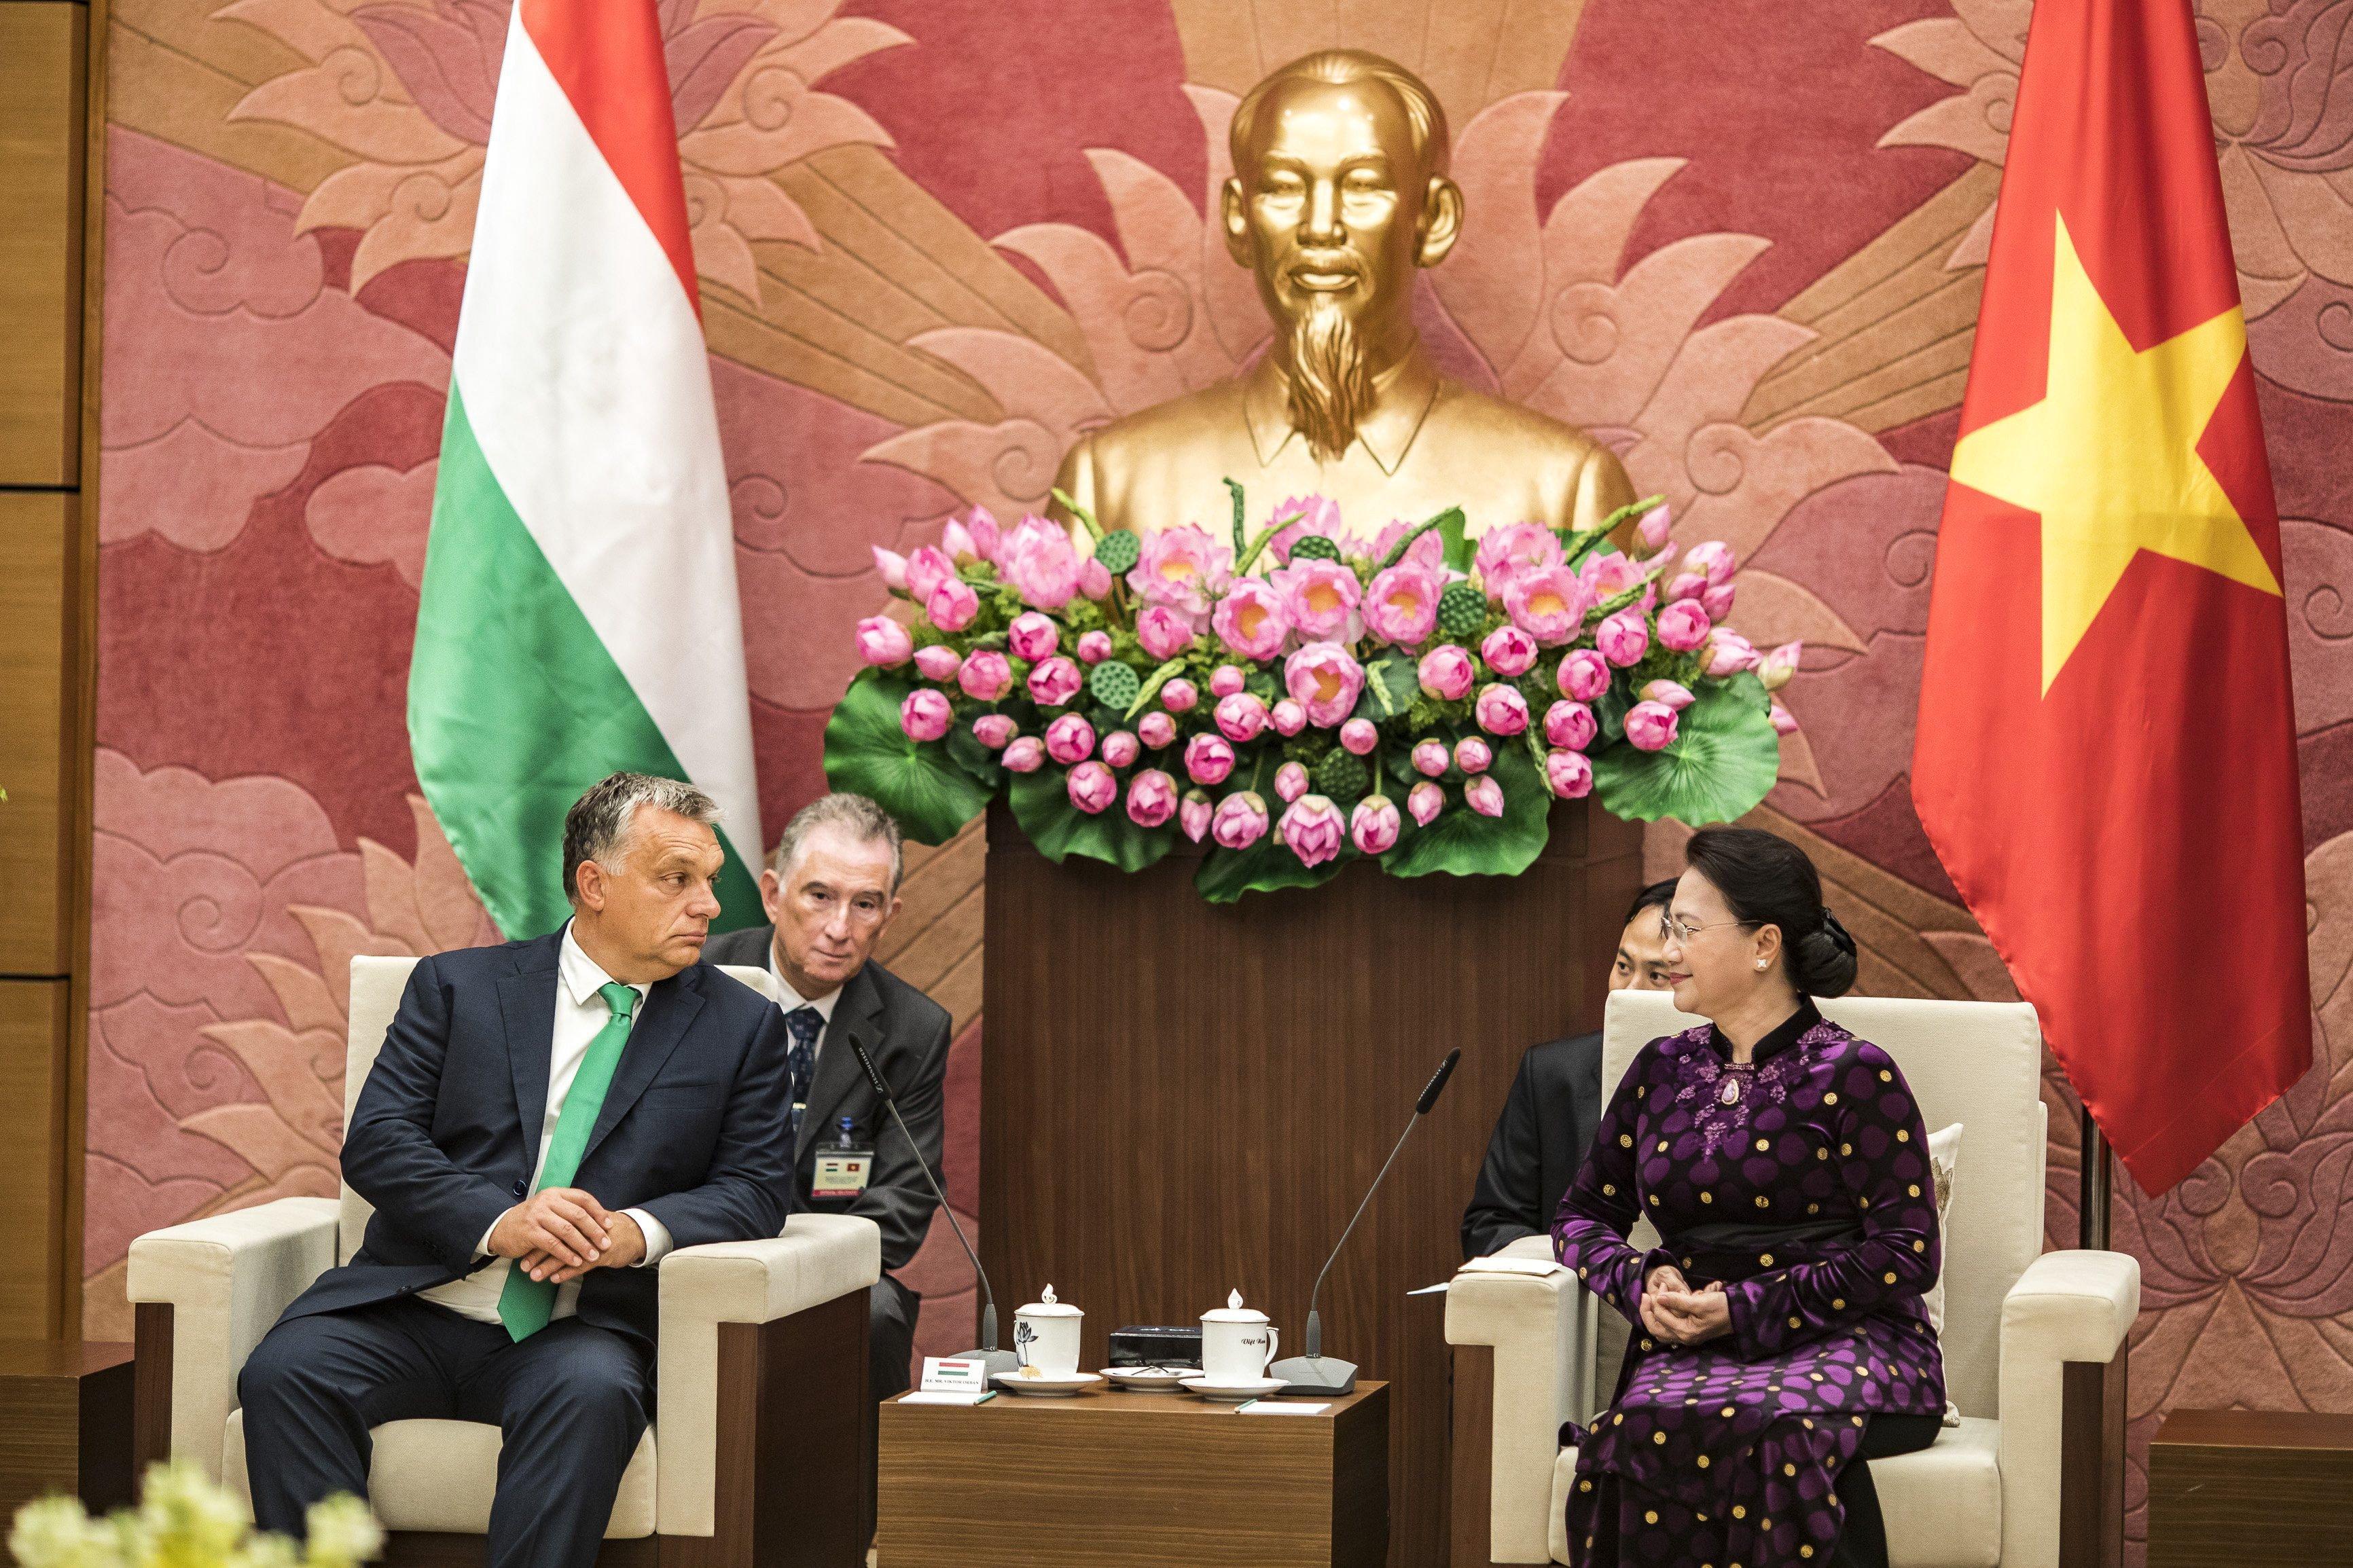 Magyarország 500 ágyas onkológiai kórházat épít Vietnamban